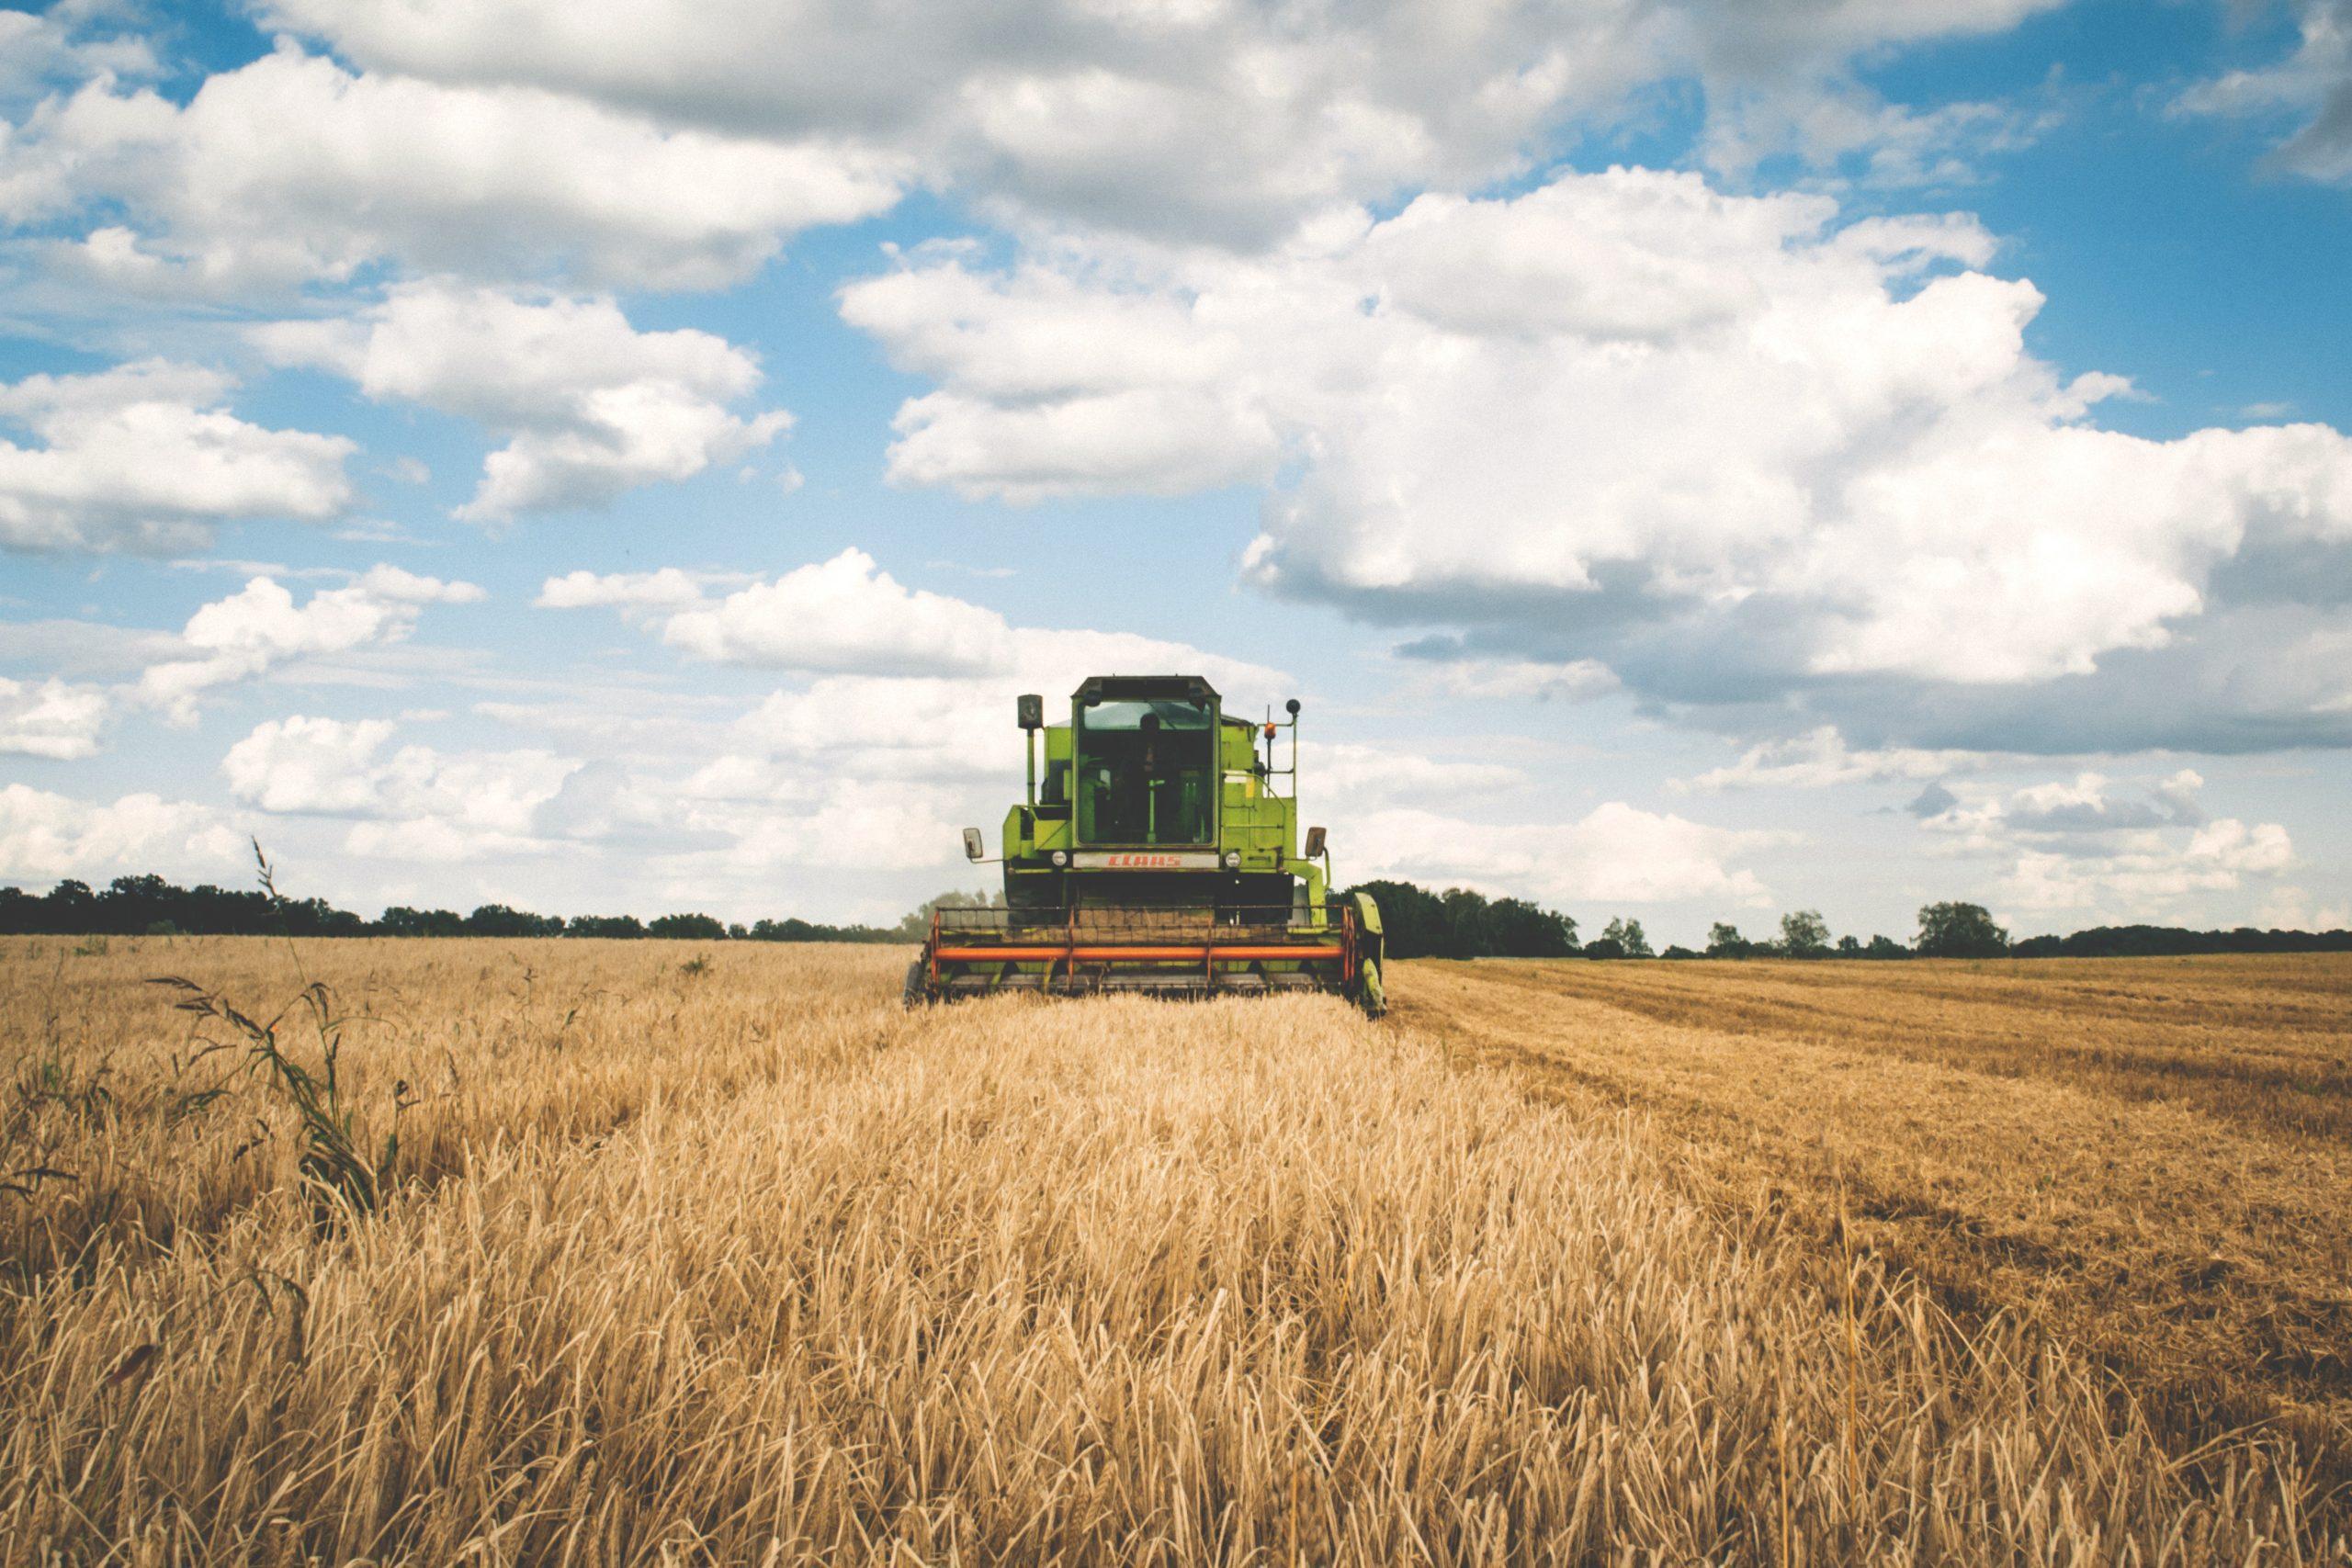 Champs, tracteur. Crédit photo: Pexels/freestocksorg